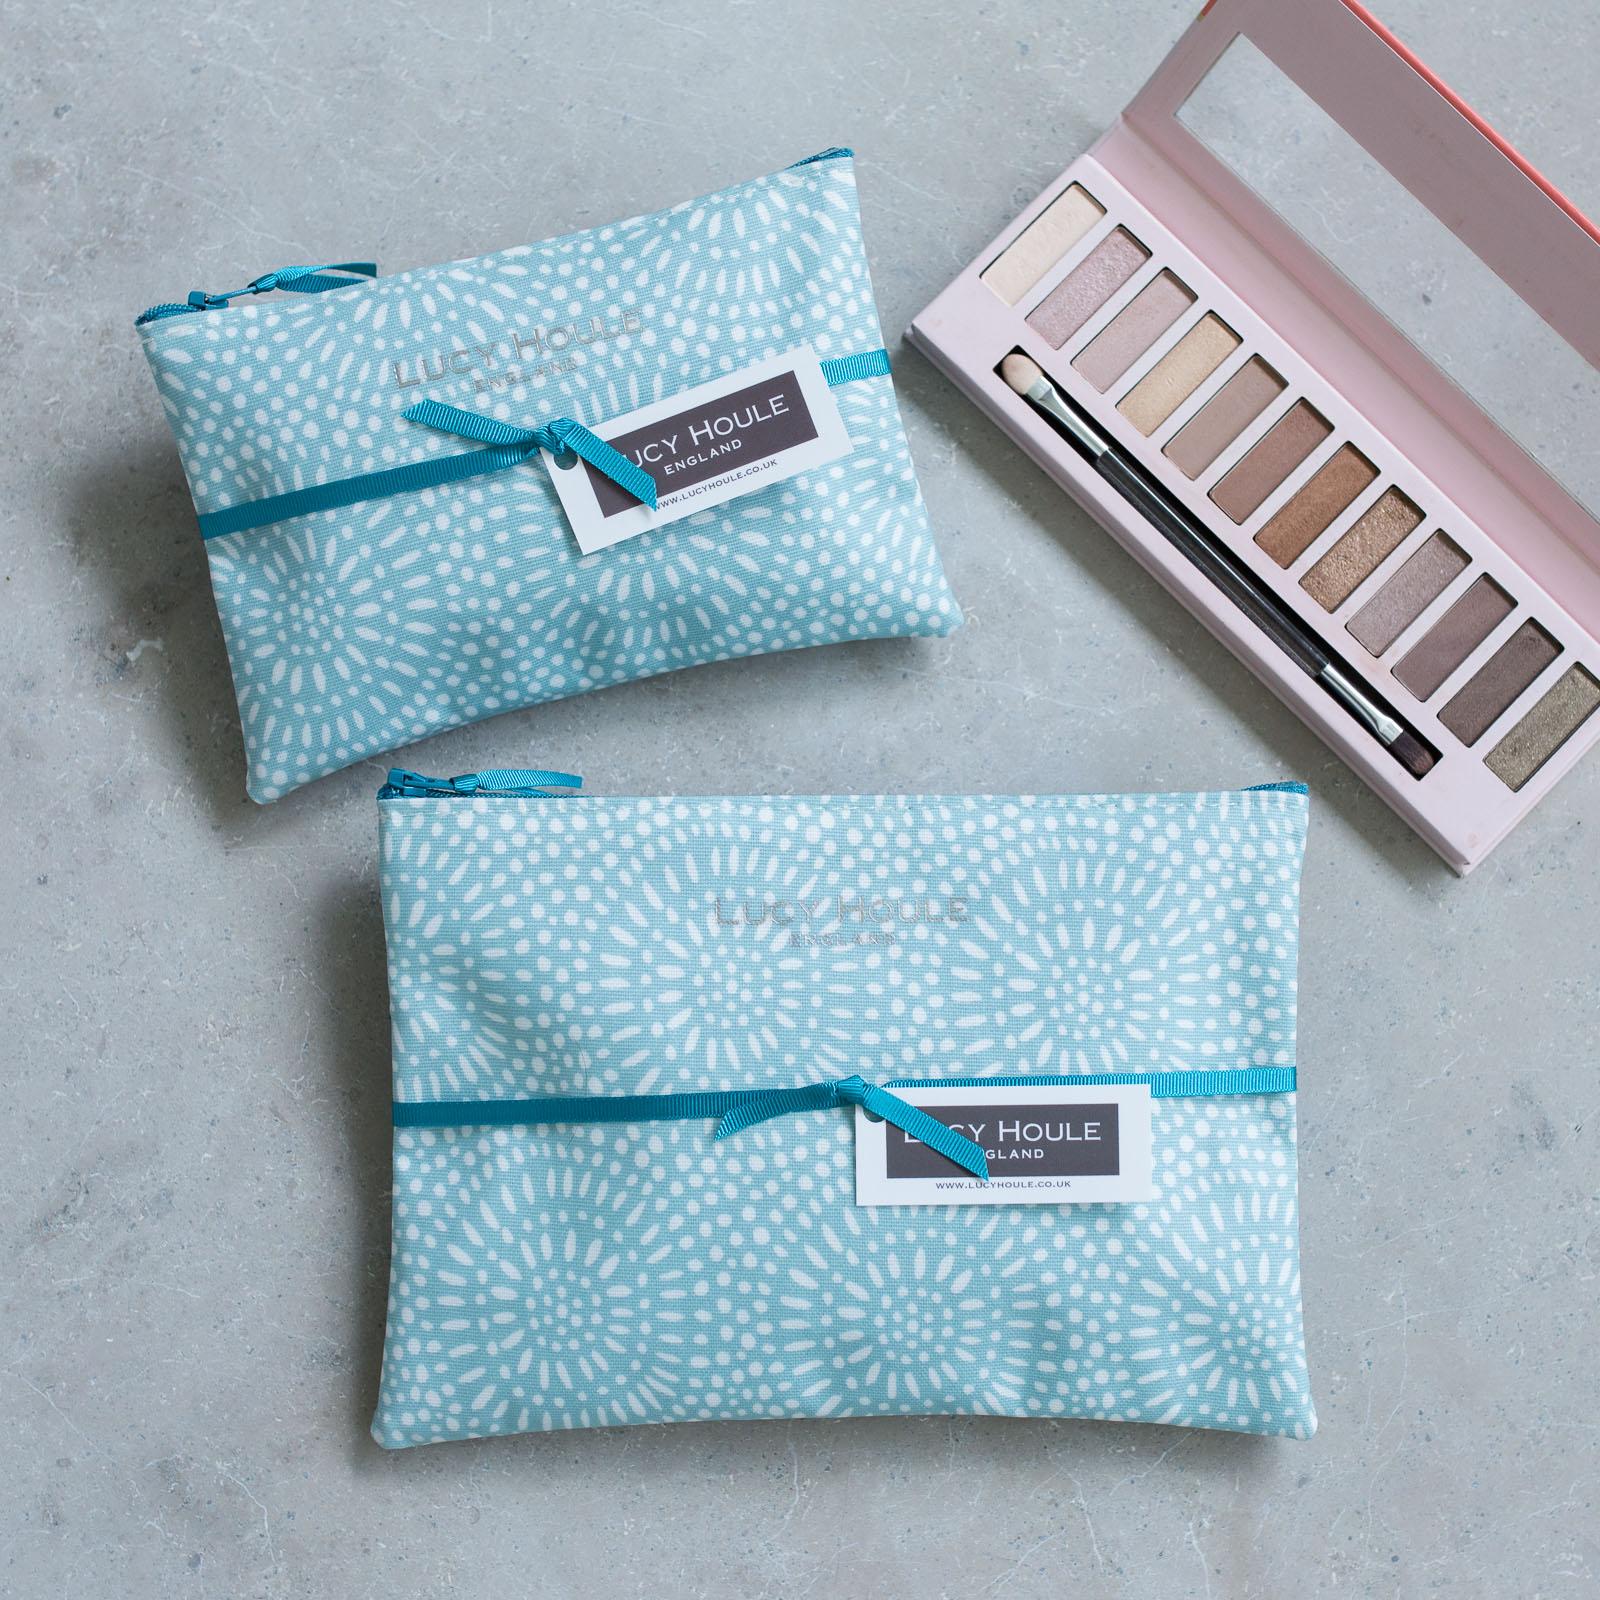 Aqua Sunburst Make-Up Bag with Aqua Zip